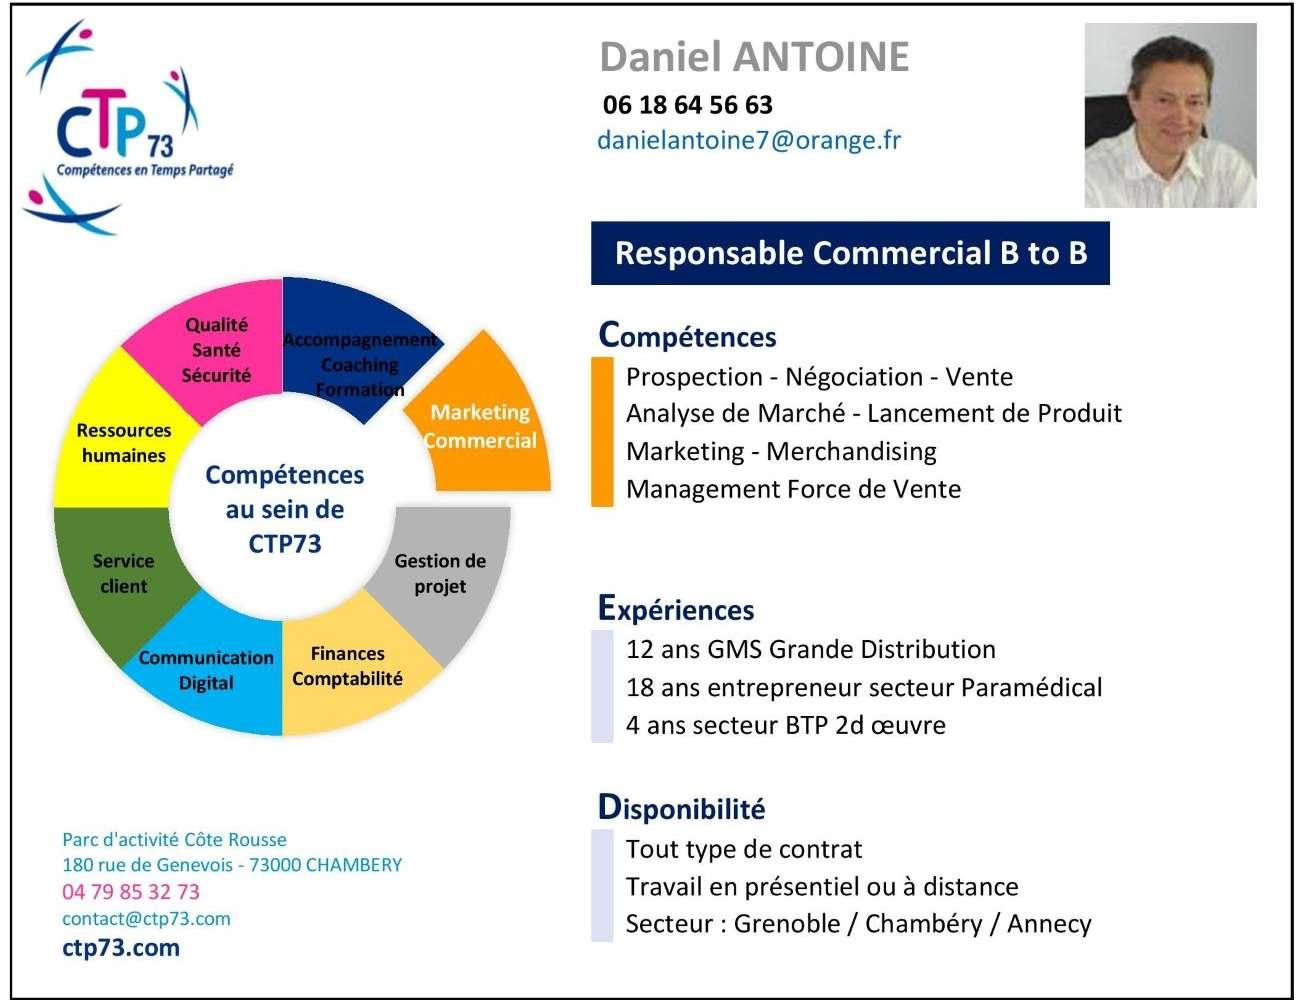 201202_CTP73 Offre compétences Daniel Antoine 3